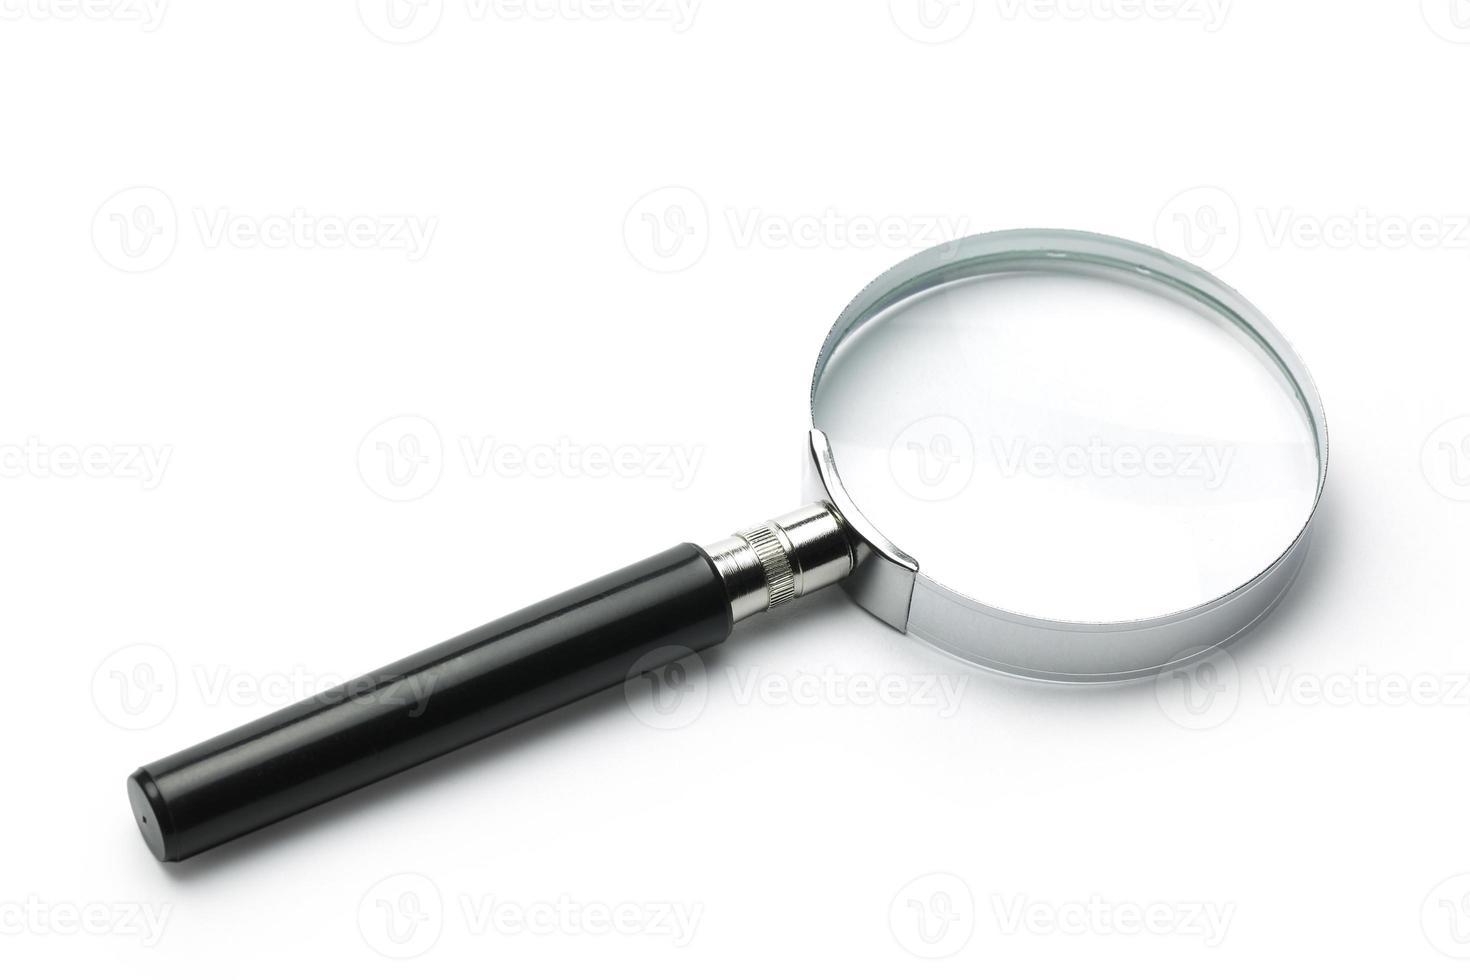 lente d'ingrandimento su sfondo bianco, tracciato di ritaglio. foto